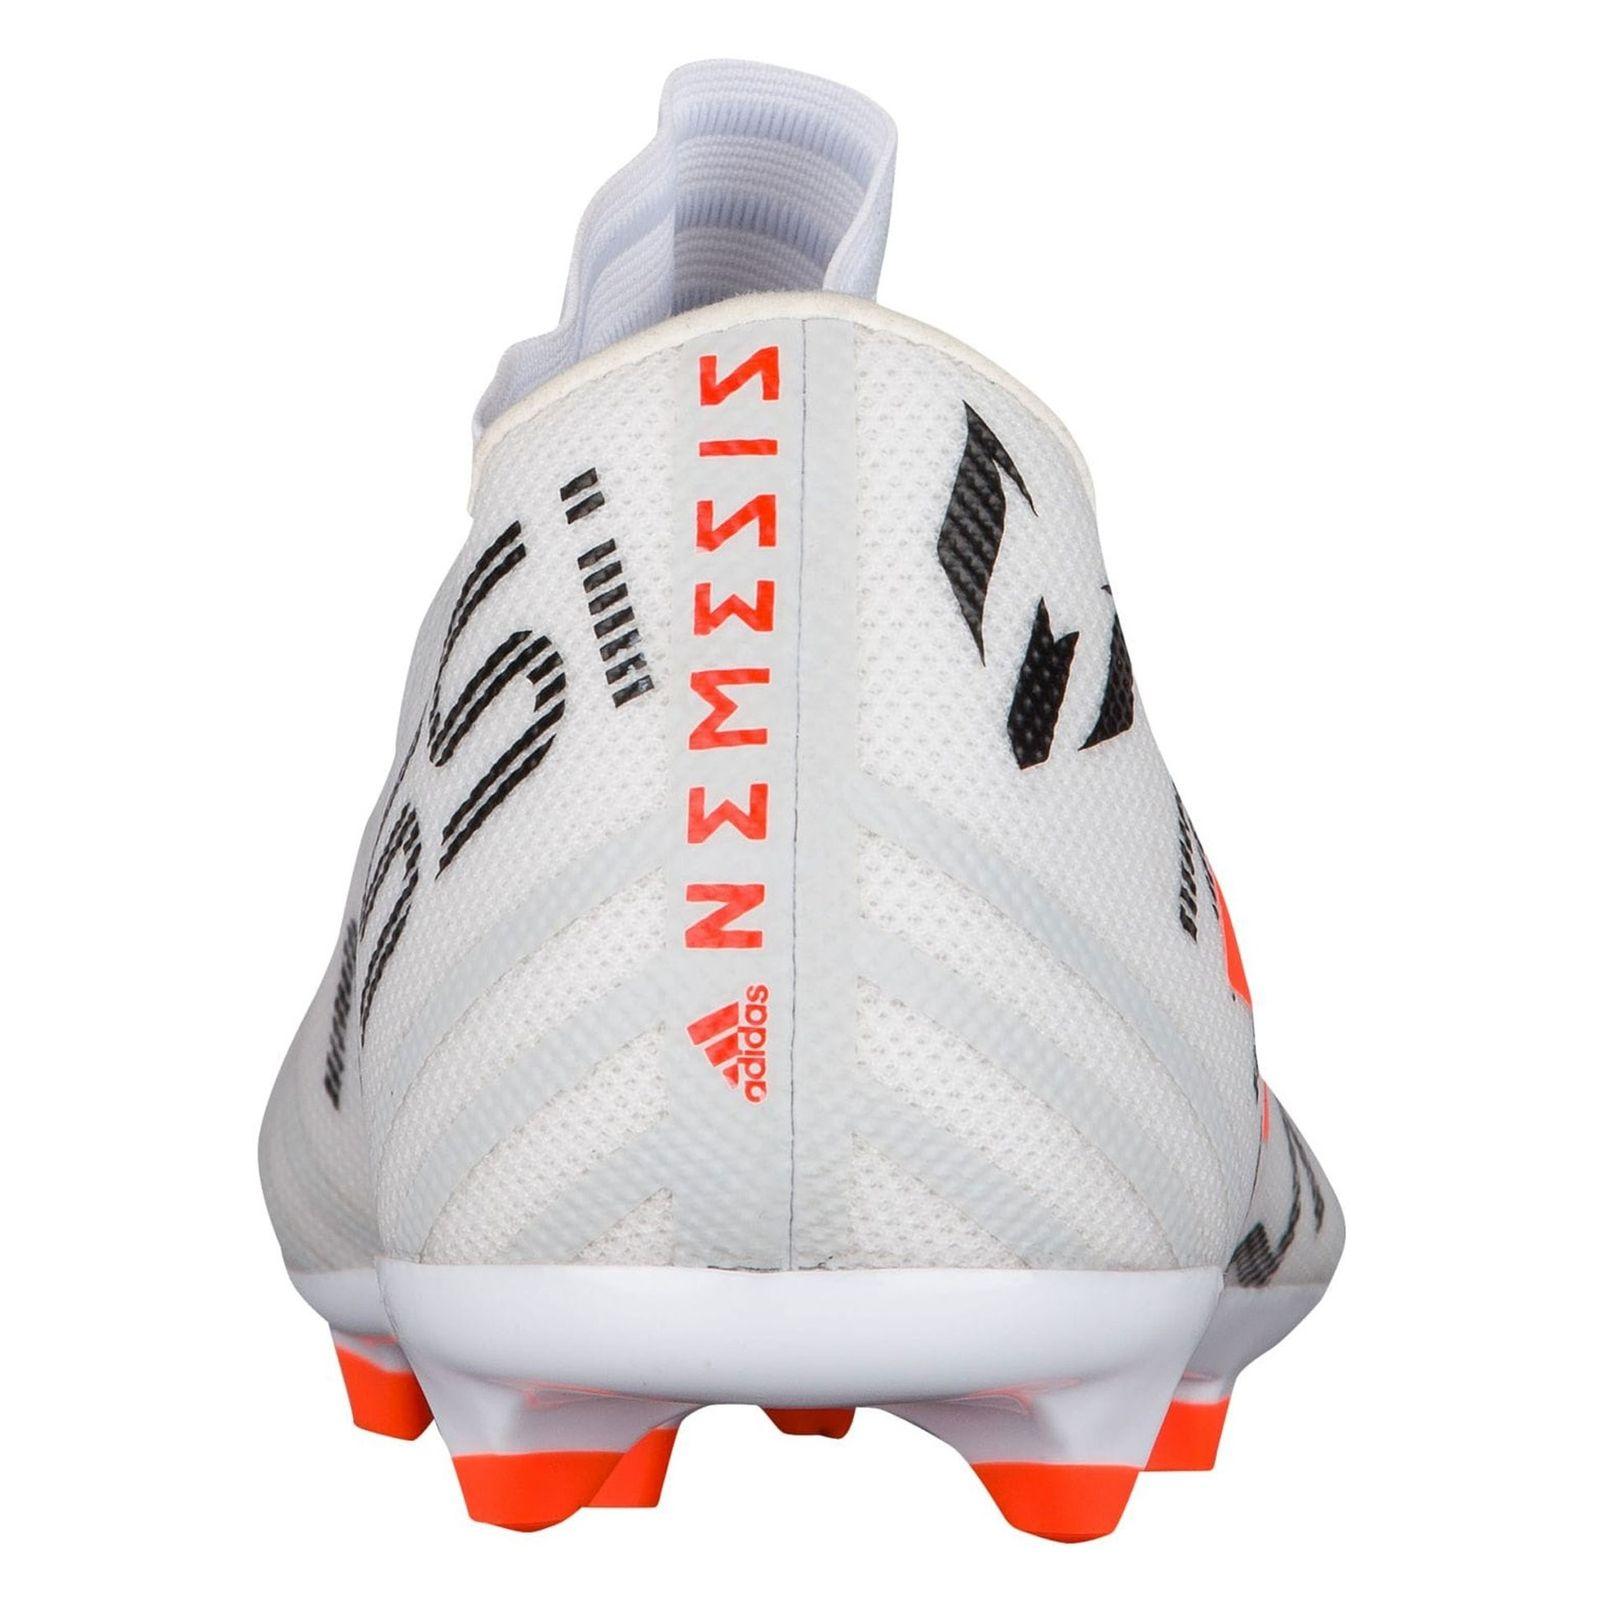 کفش مخصوص فوتبال مردانه آدیداس Nemeziz Messi 17-3 Firm Ground Cleats - چند رنگ - 4